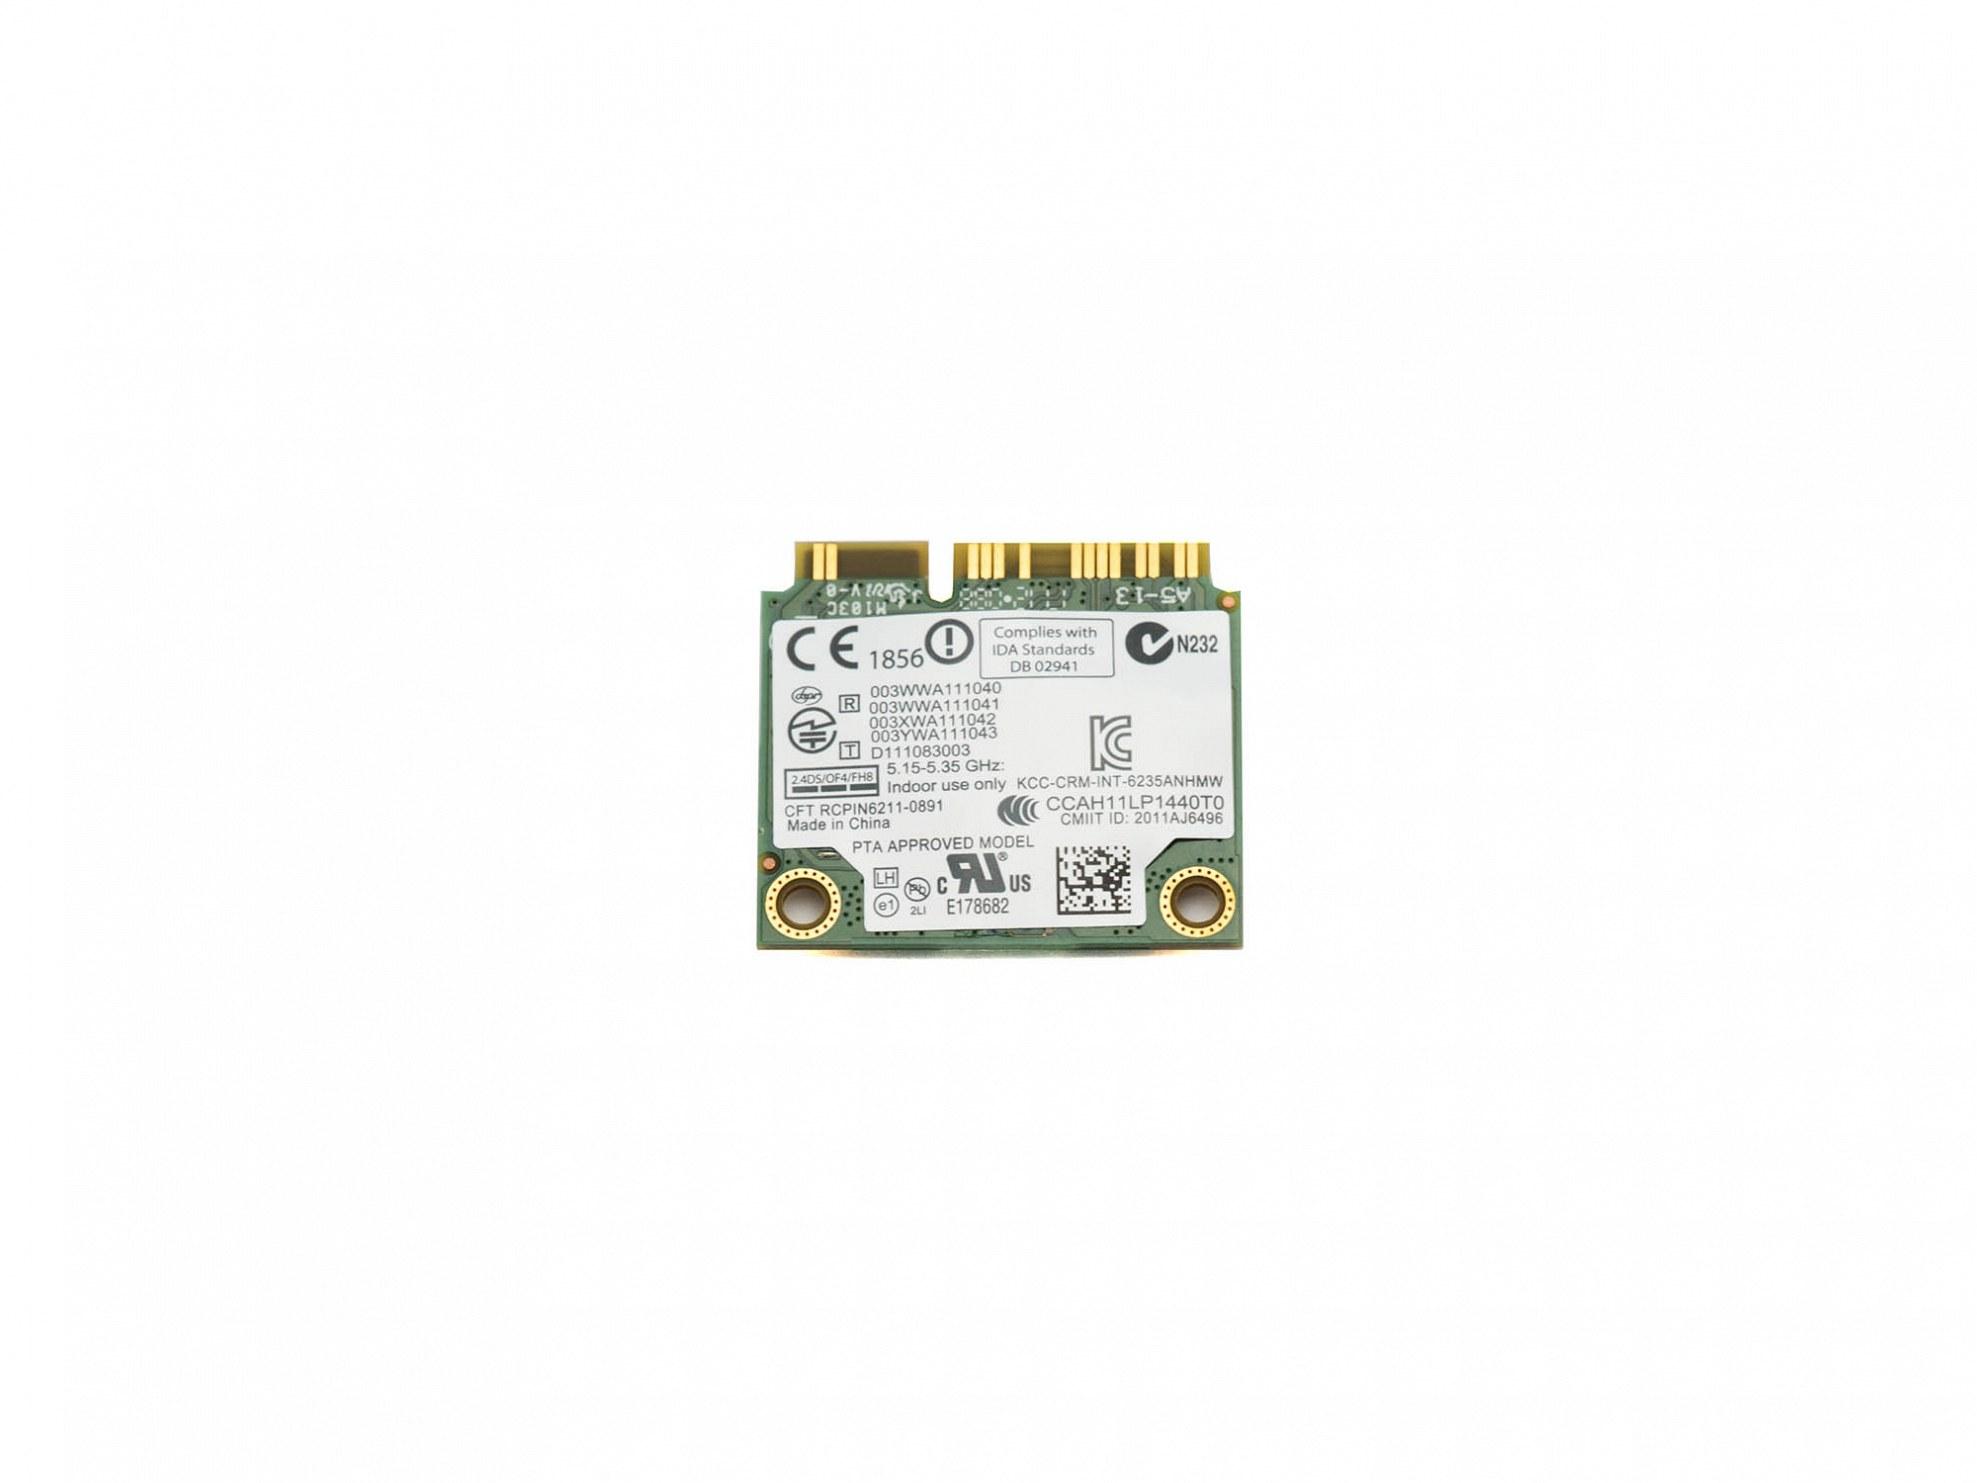 Asus 0C012-00020400 WLAN Karte Original